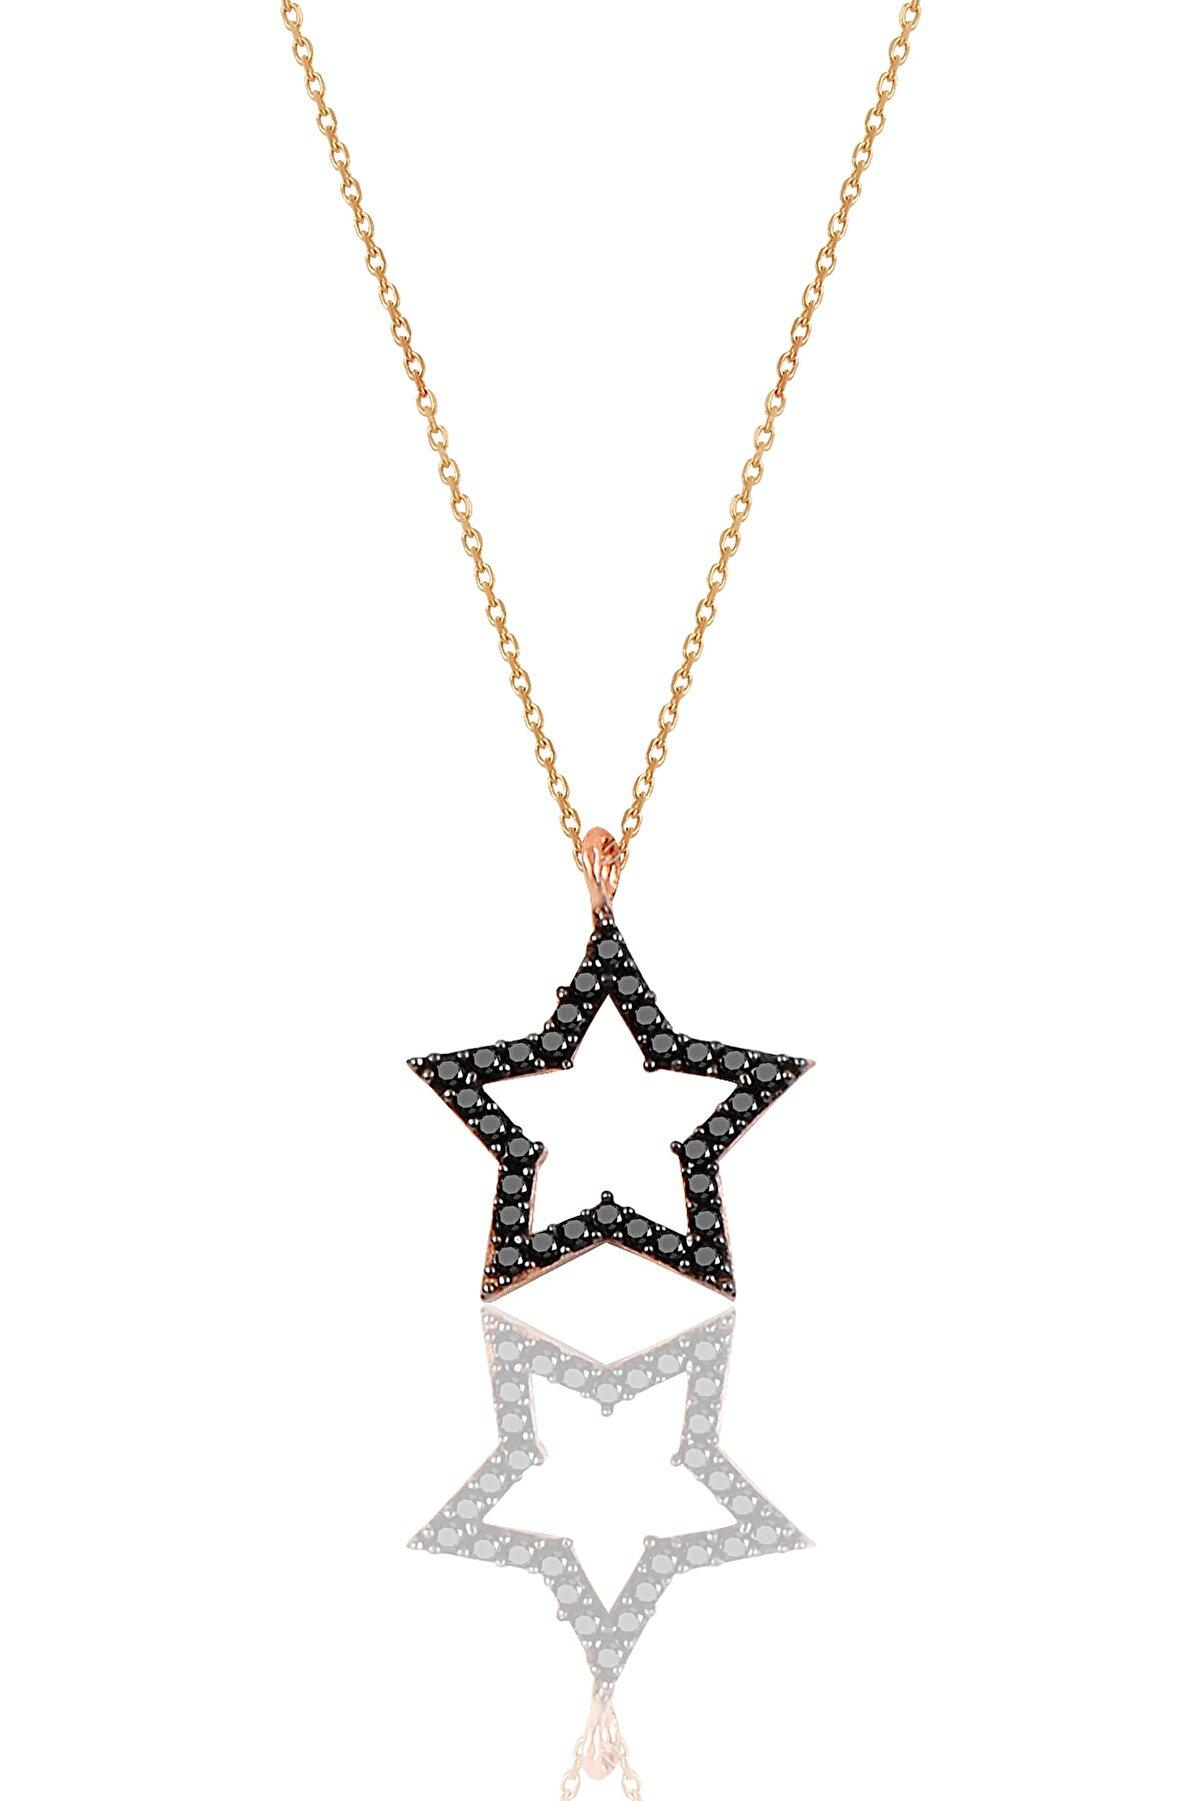 Söğütlü Silver Gümüş Siyah Taşlı Yıldız Modeli Kolye SGTL9866SİYAH